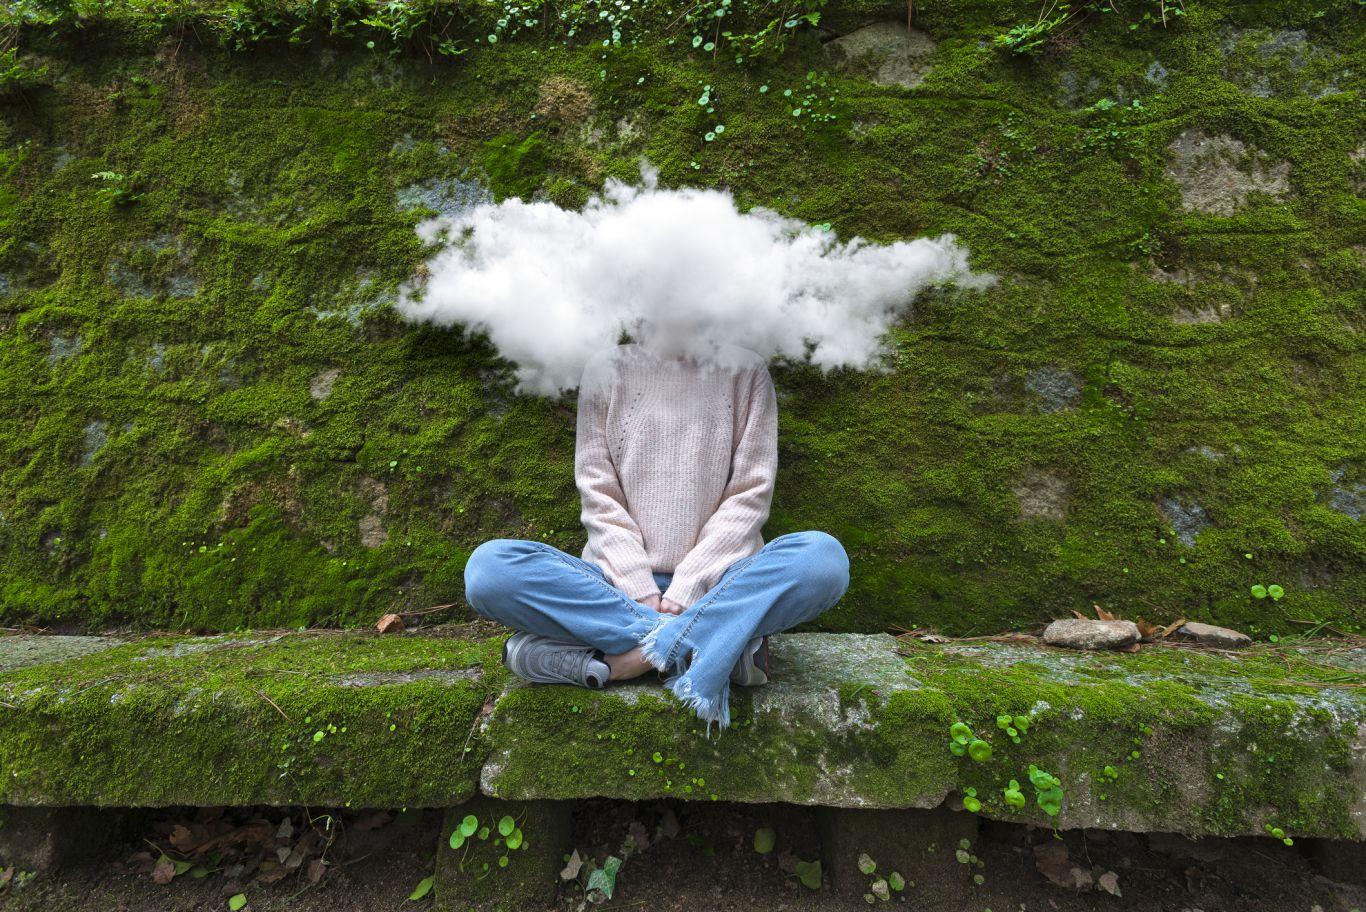 Pessoa sentada com nuvem na cabeça cobrindo o rosto